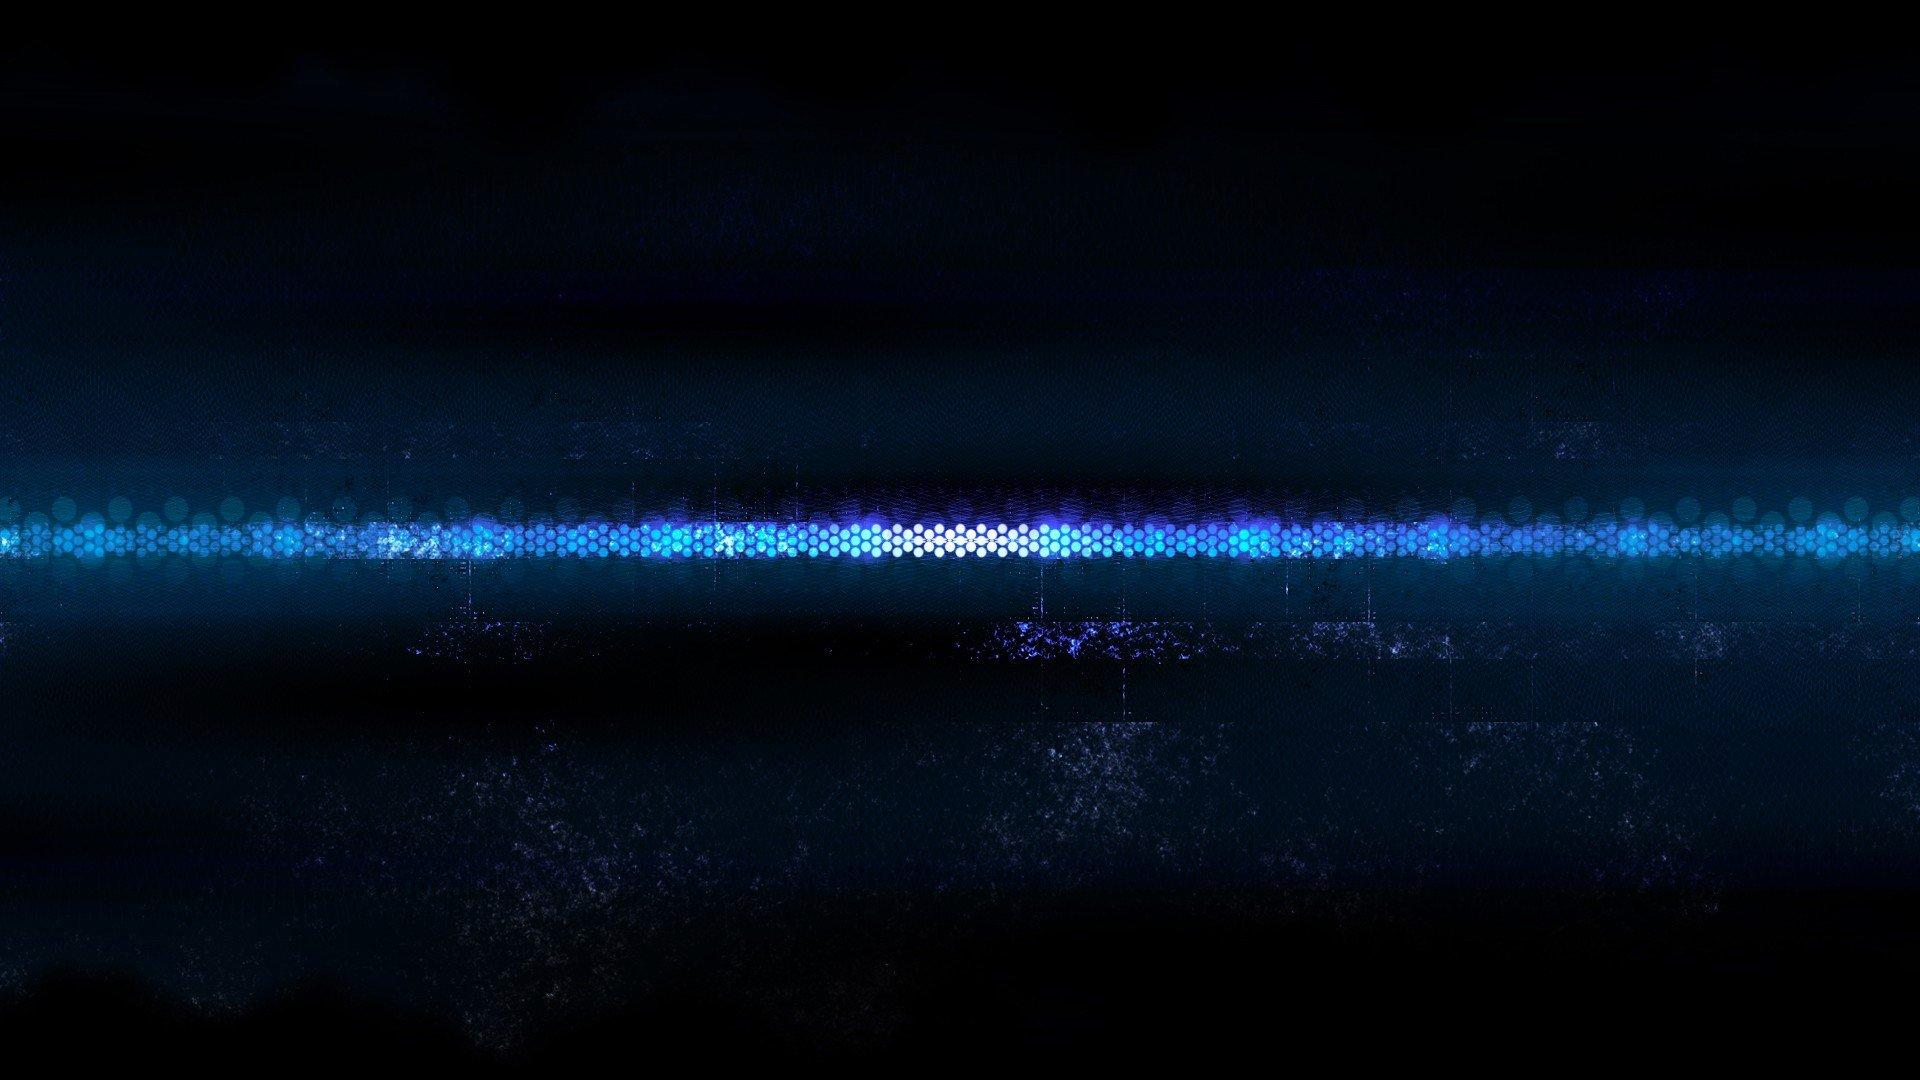 Dark Blue Background download 1920x1080